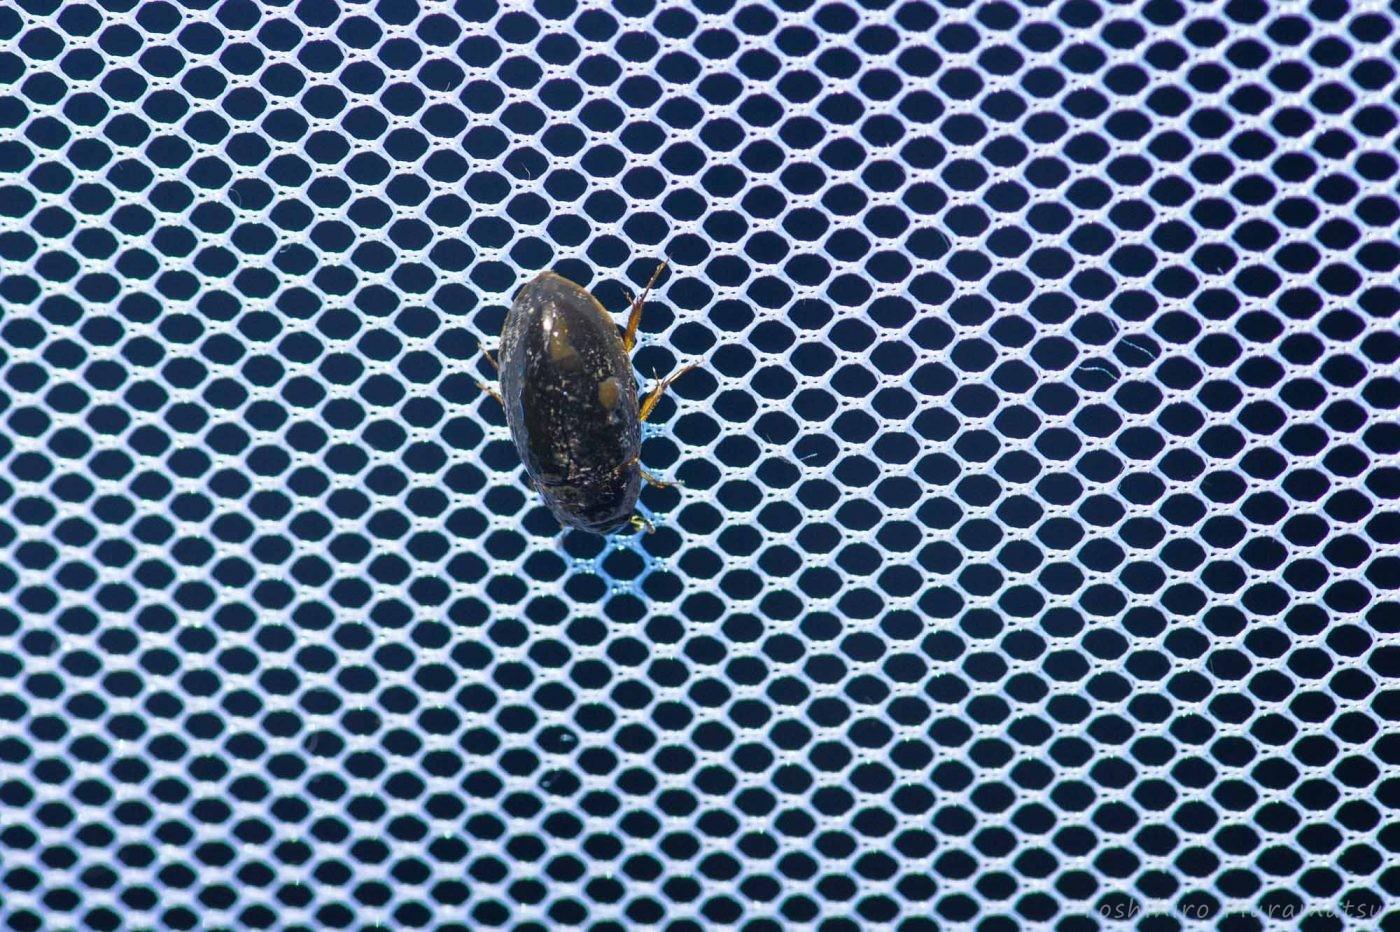 ヒメガムシの写真